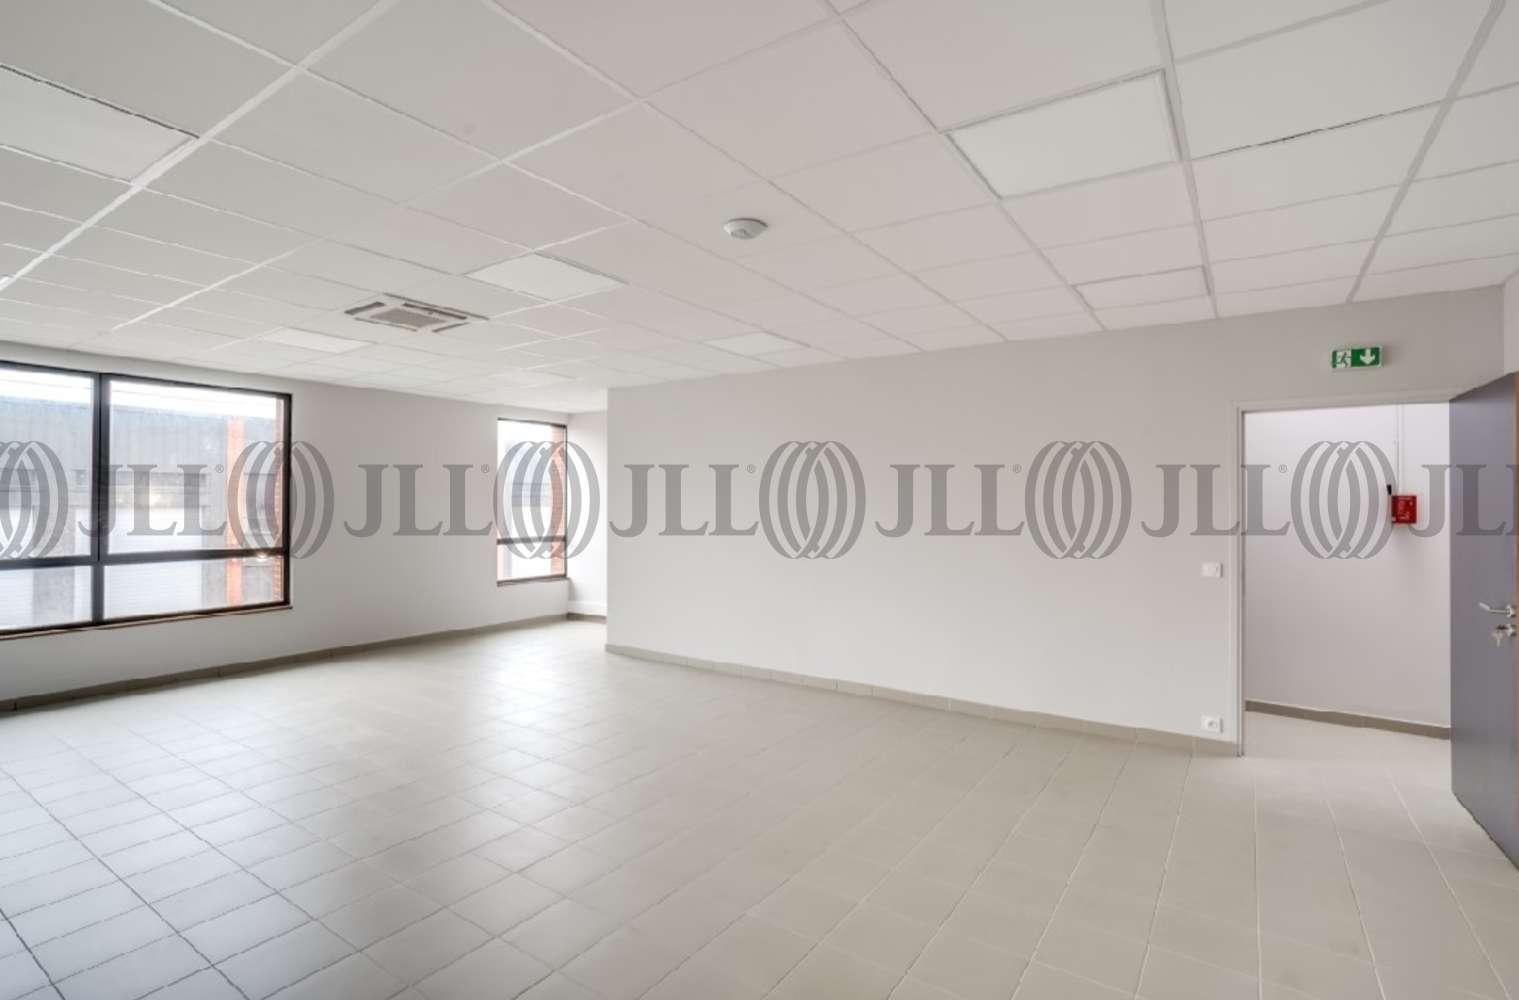 Activités/entrepôt Groslay, 95410 - ACTI PARC MONT DU VAL D'OISE - 10920649